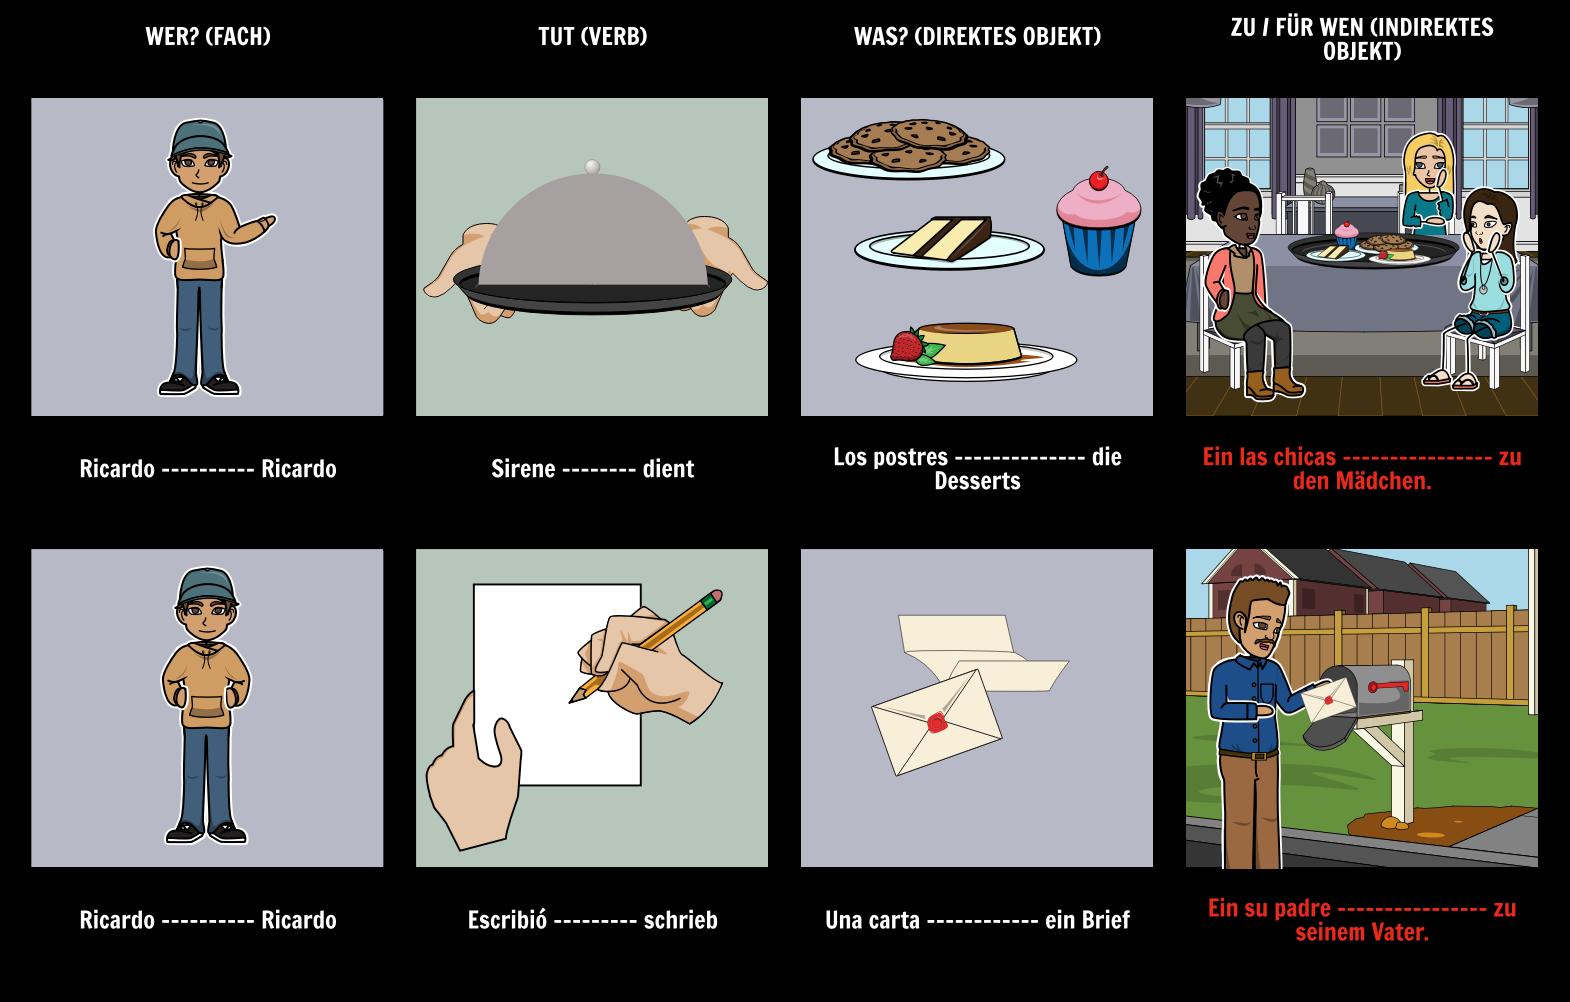 Direkte und Indirekte Objektpronomen Spanischunterricht